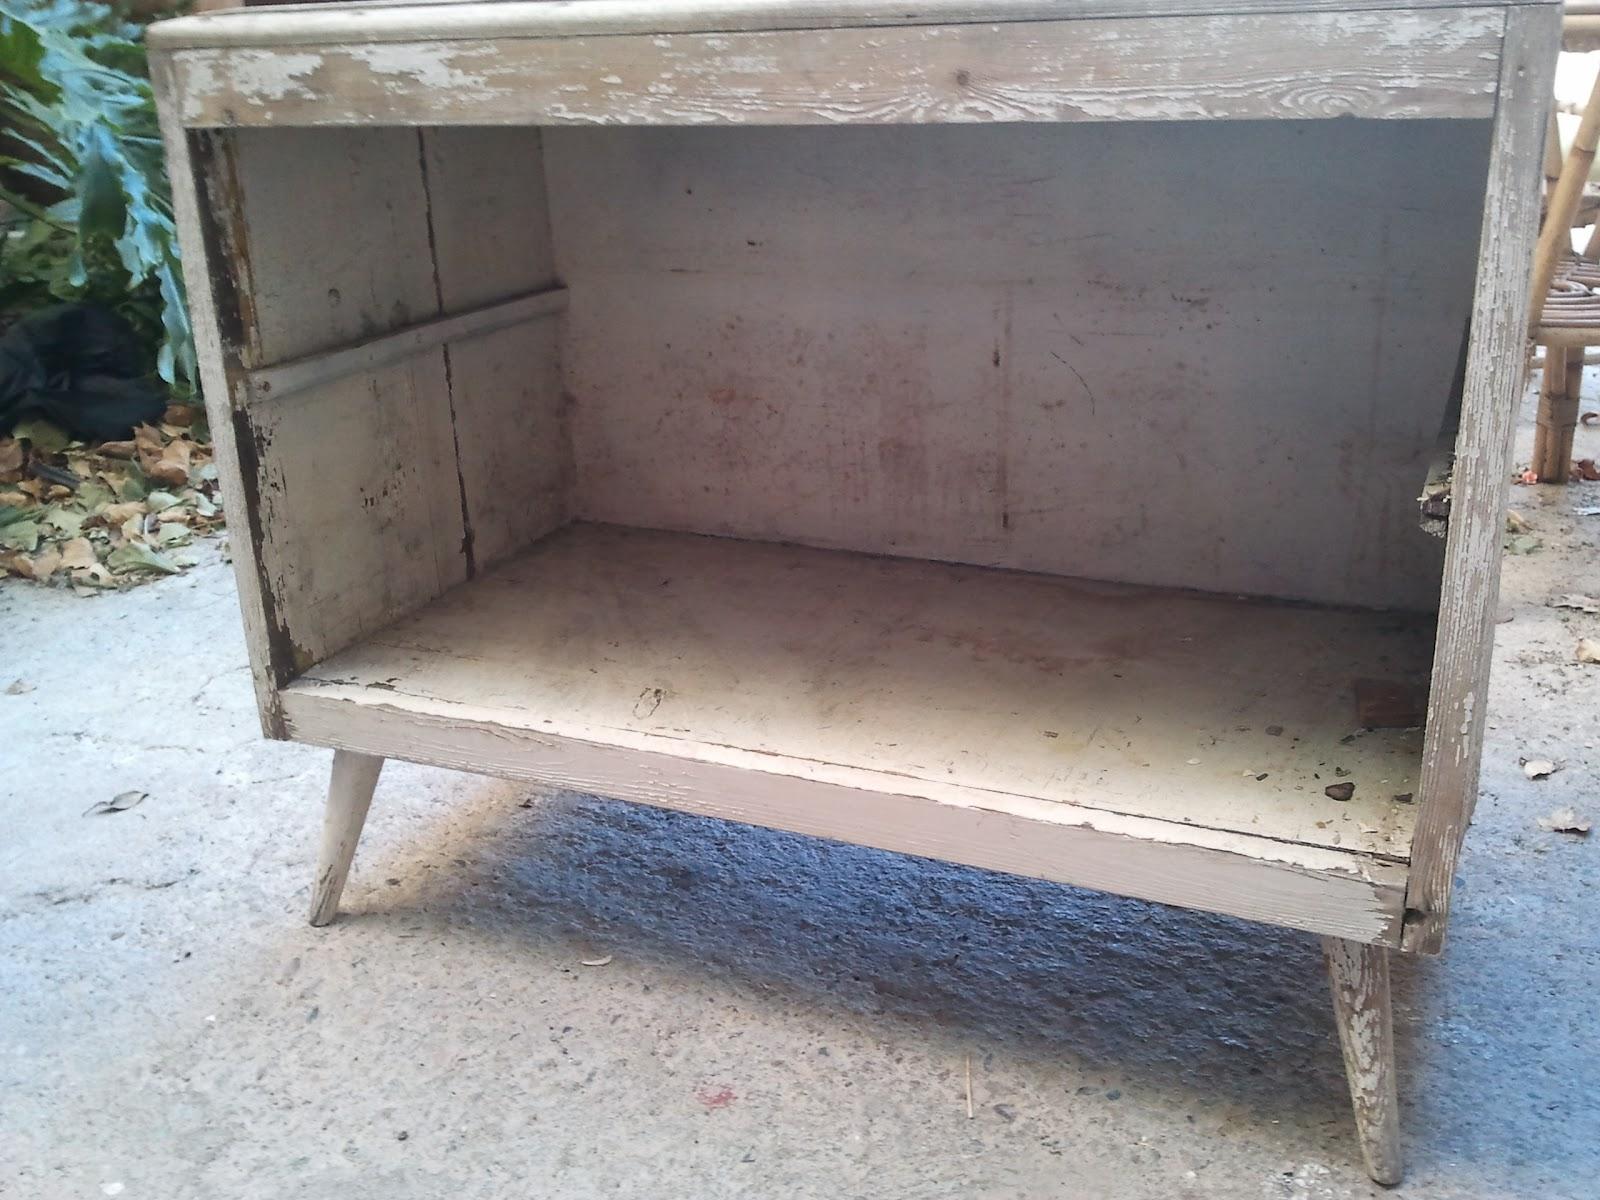 El Aparador Y Las Servilletas Inspiradoras Reto Superado  # Muebles Reto Asturias